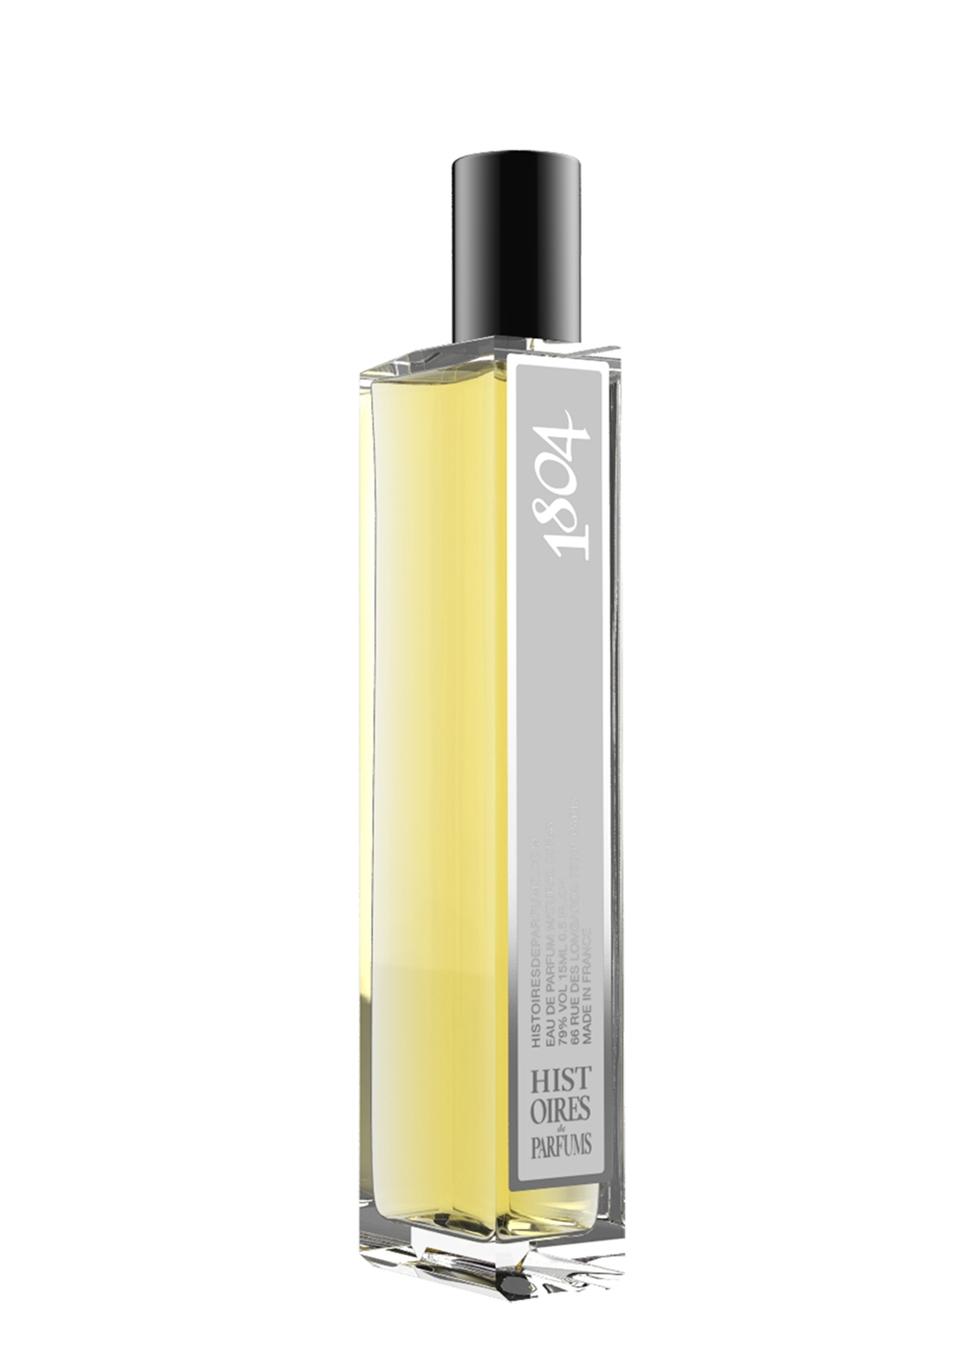 1804 Eau De Parfum 15ml - Histoires de Parfums